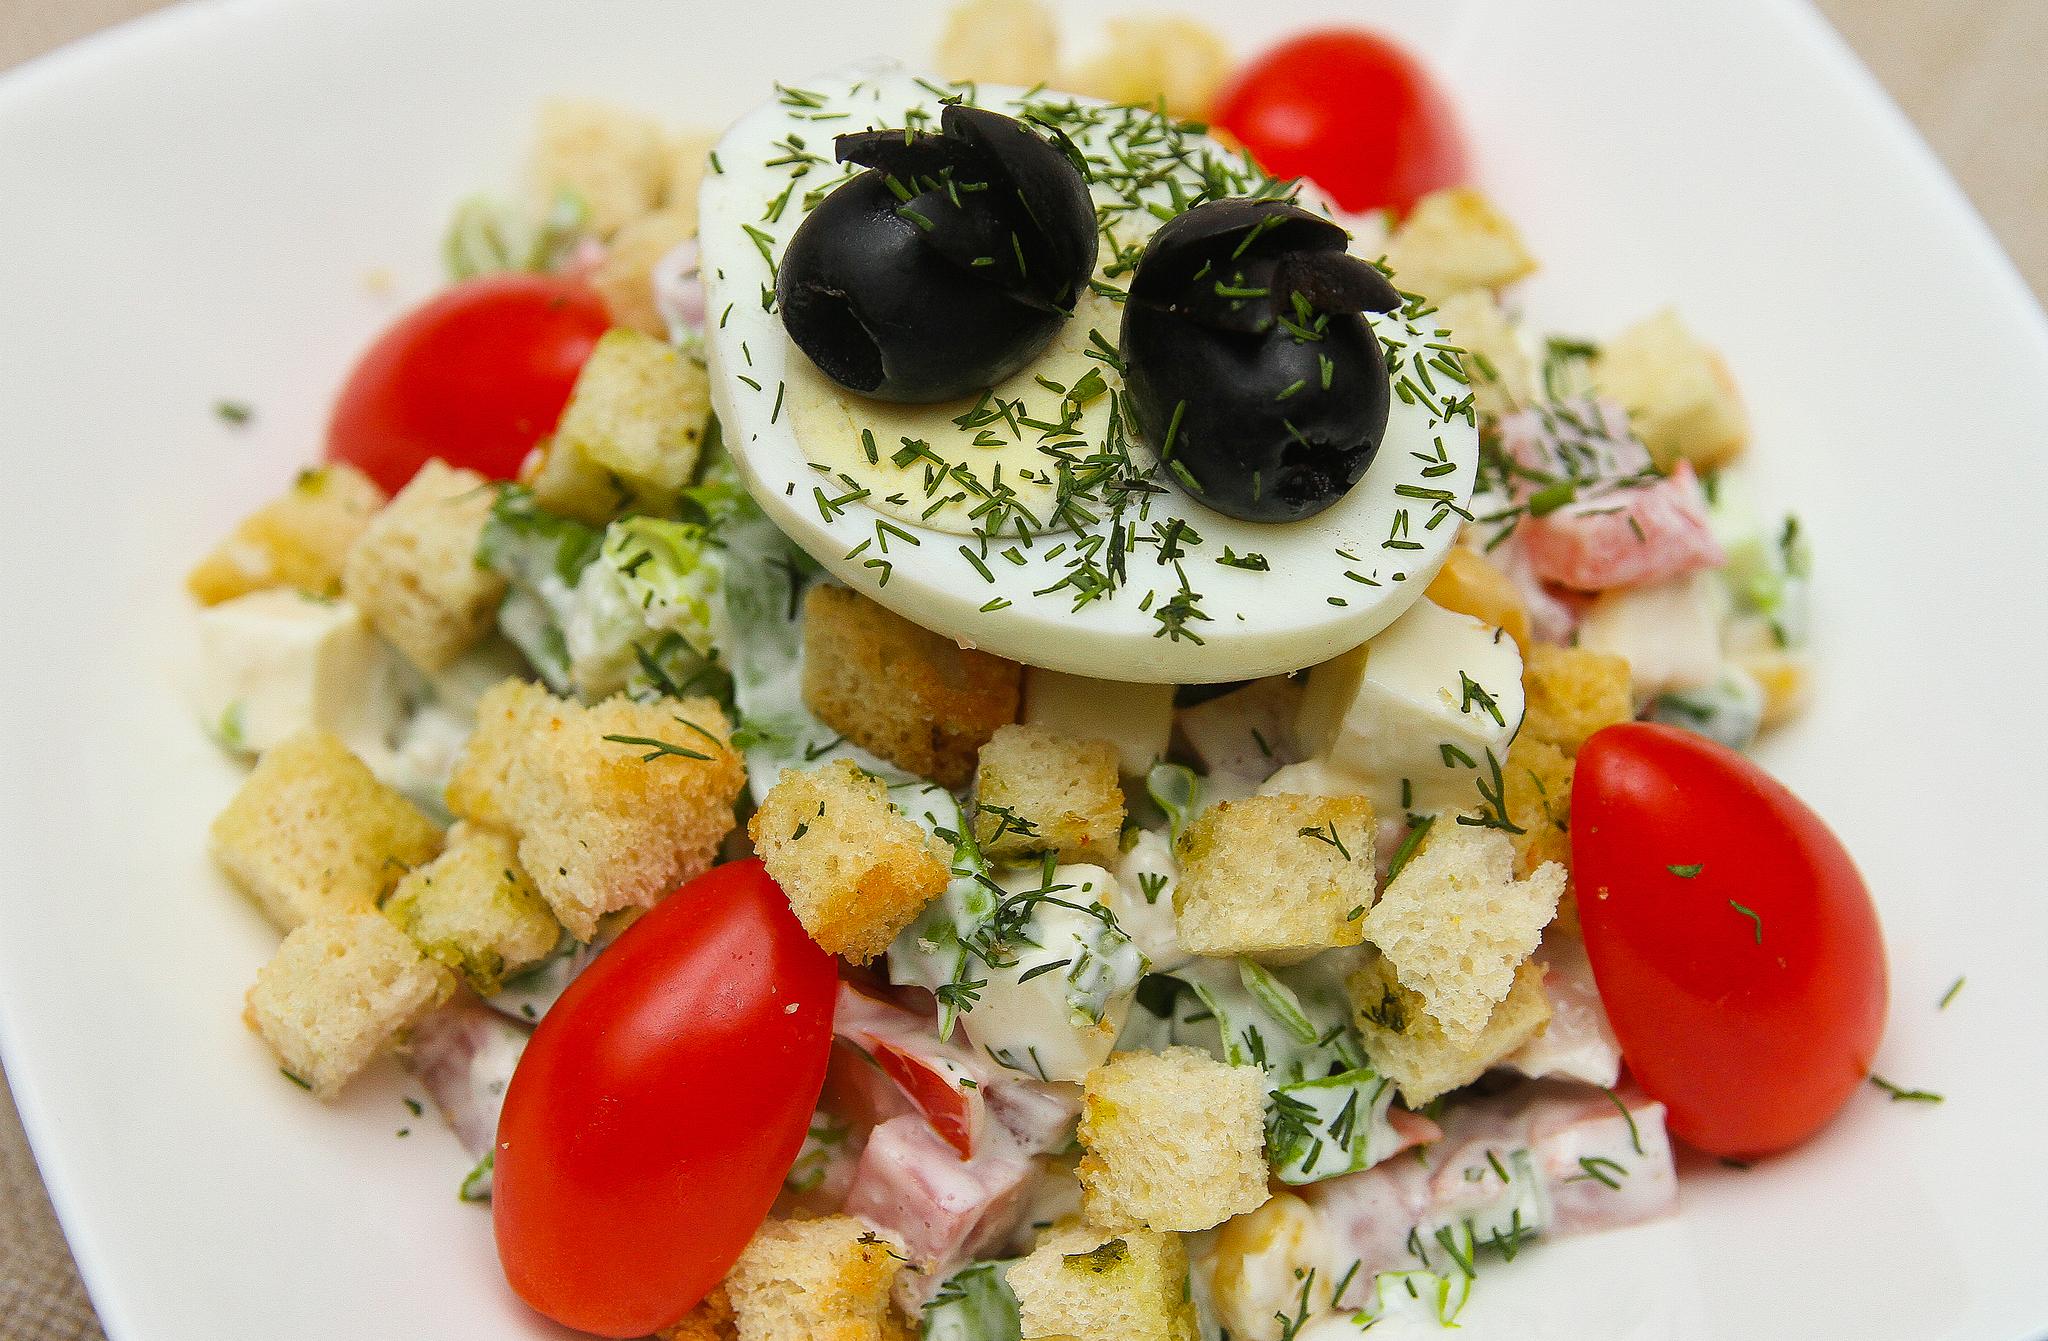 Салат с домашней брынзой и ветчиной.